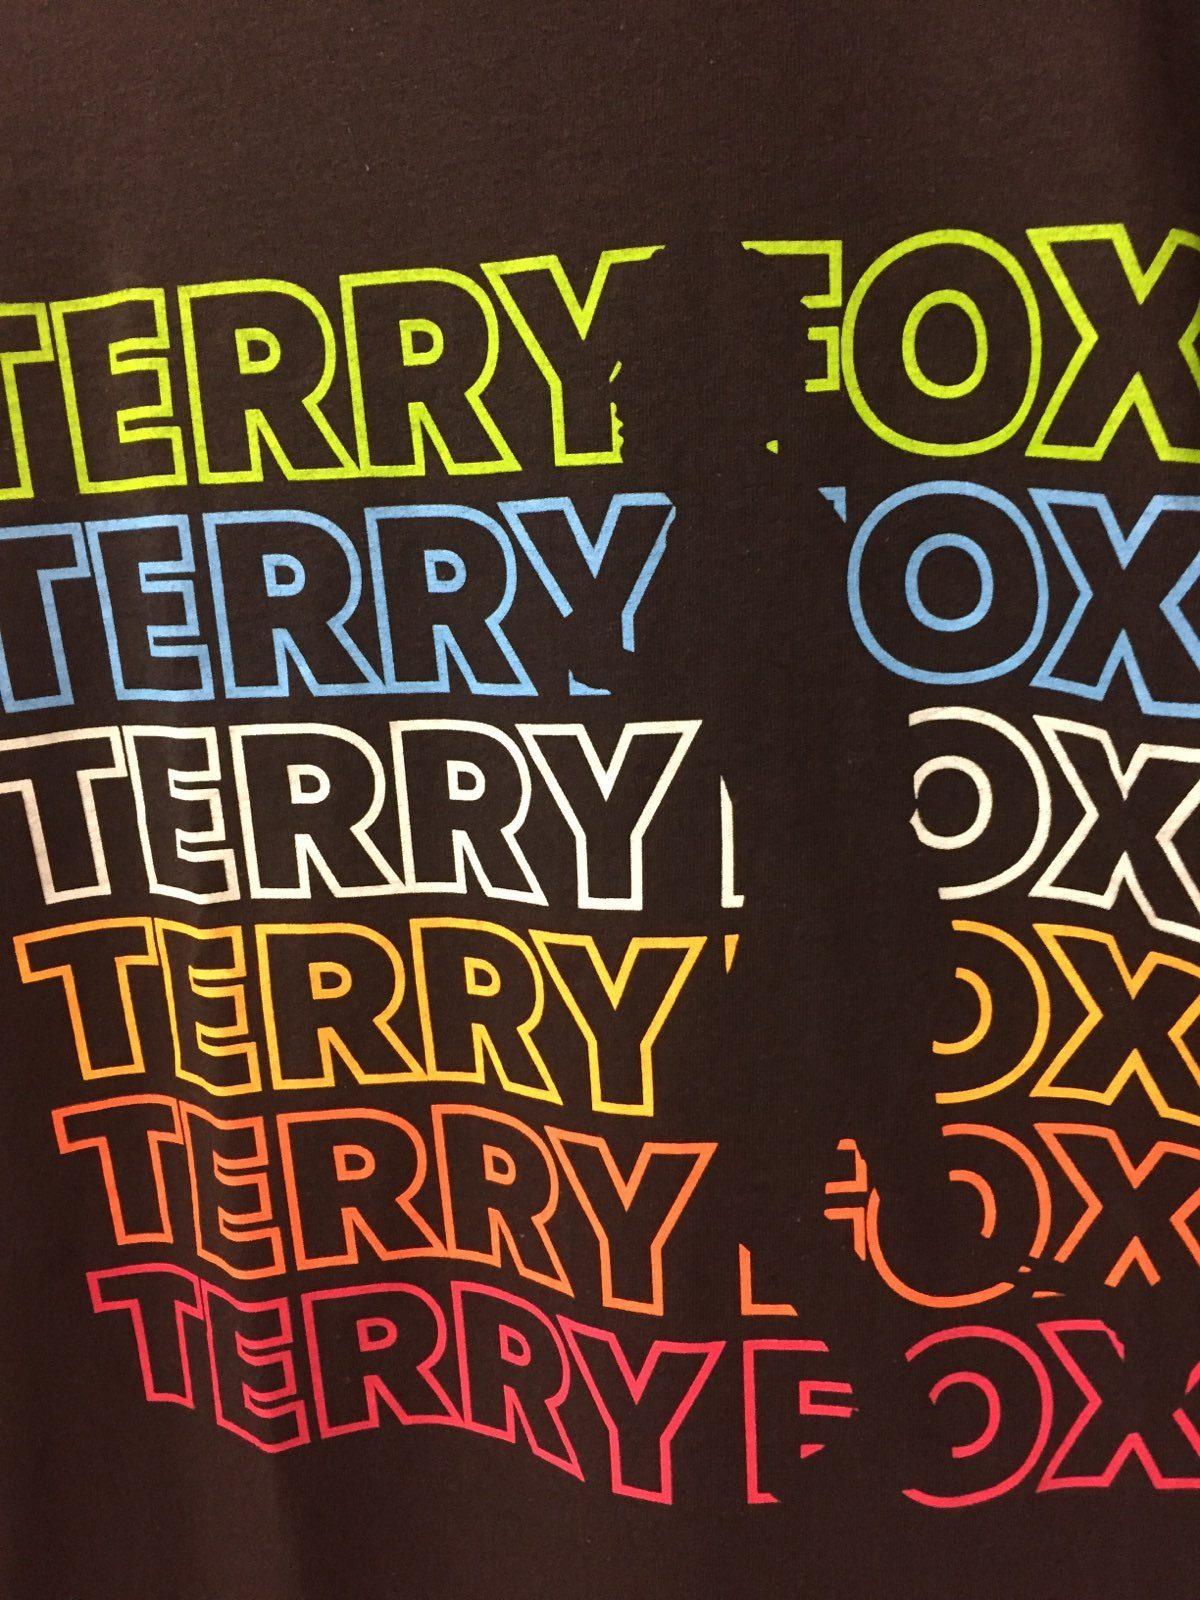 Courage/Terry Fox Run